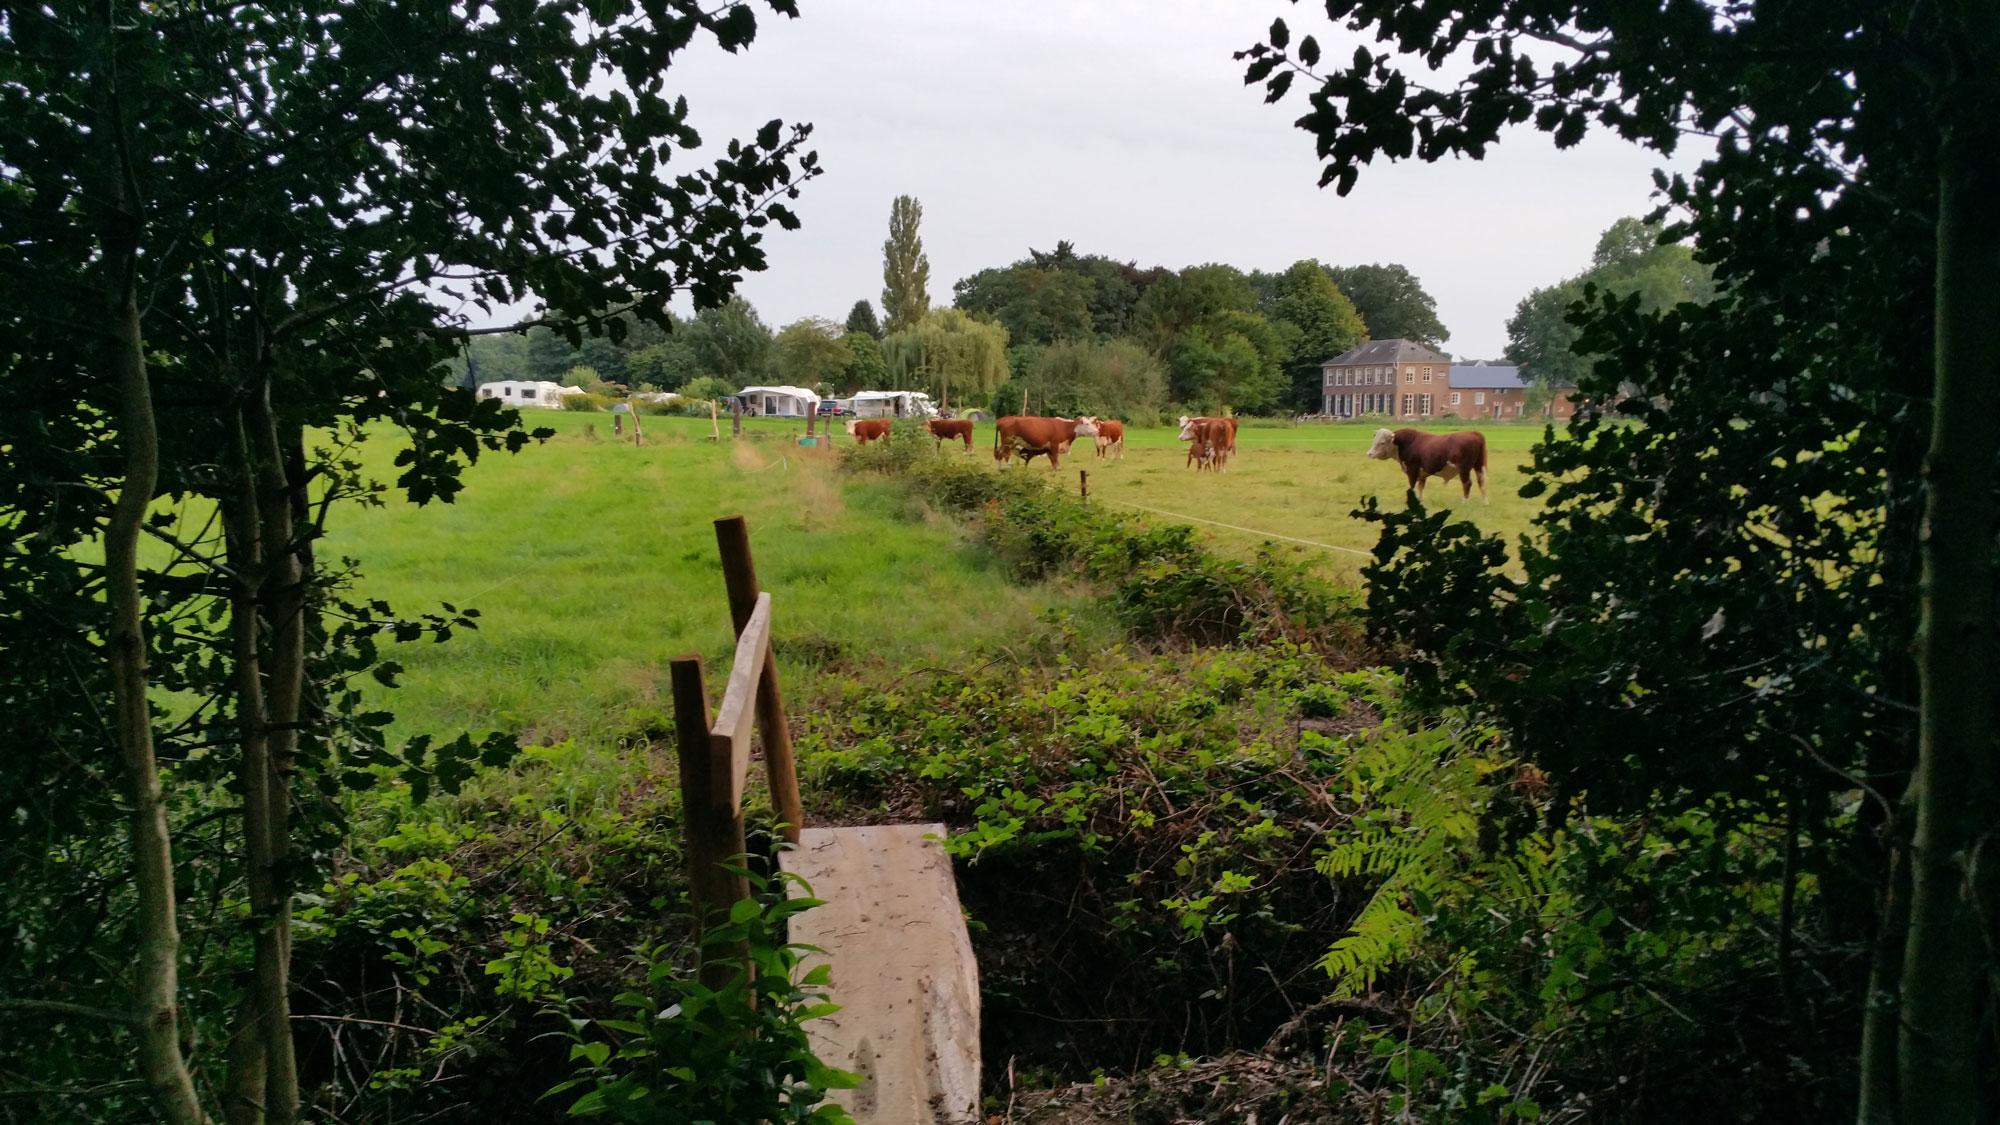 Onze Hereford koeien met de accommodatie en de camping op de achtergrond